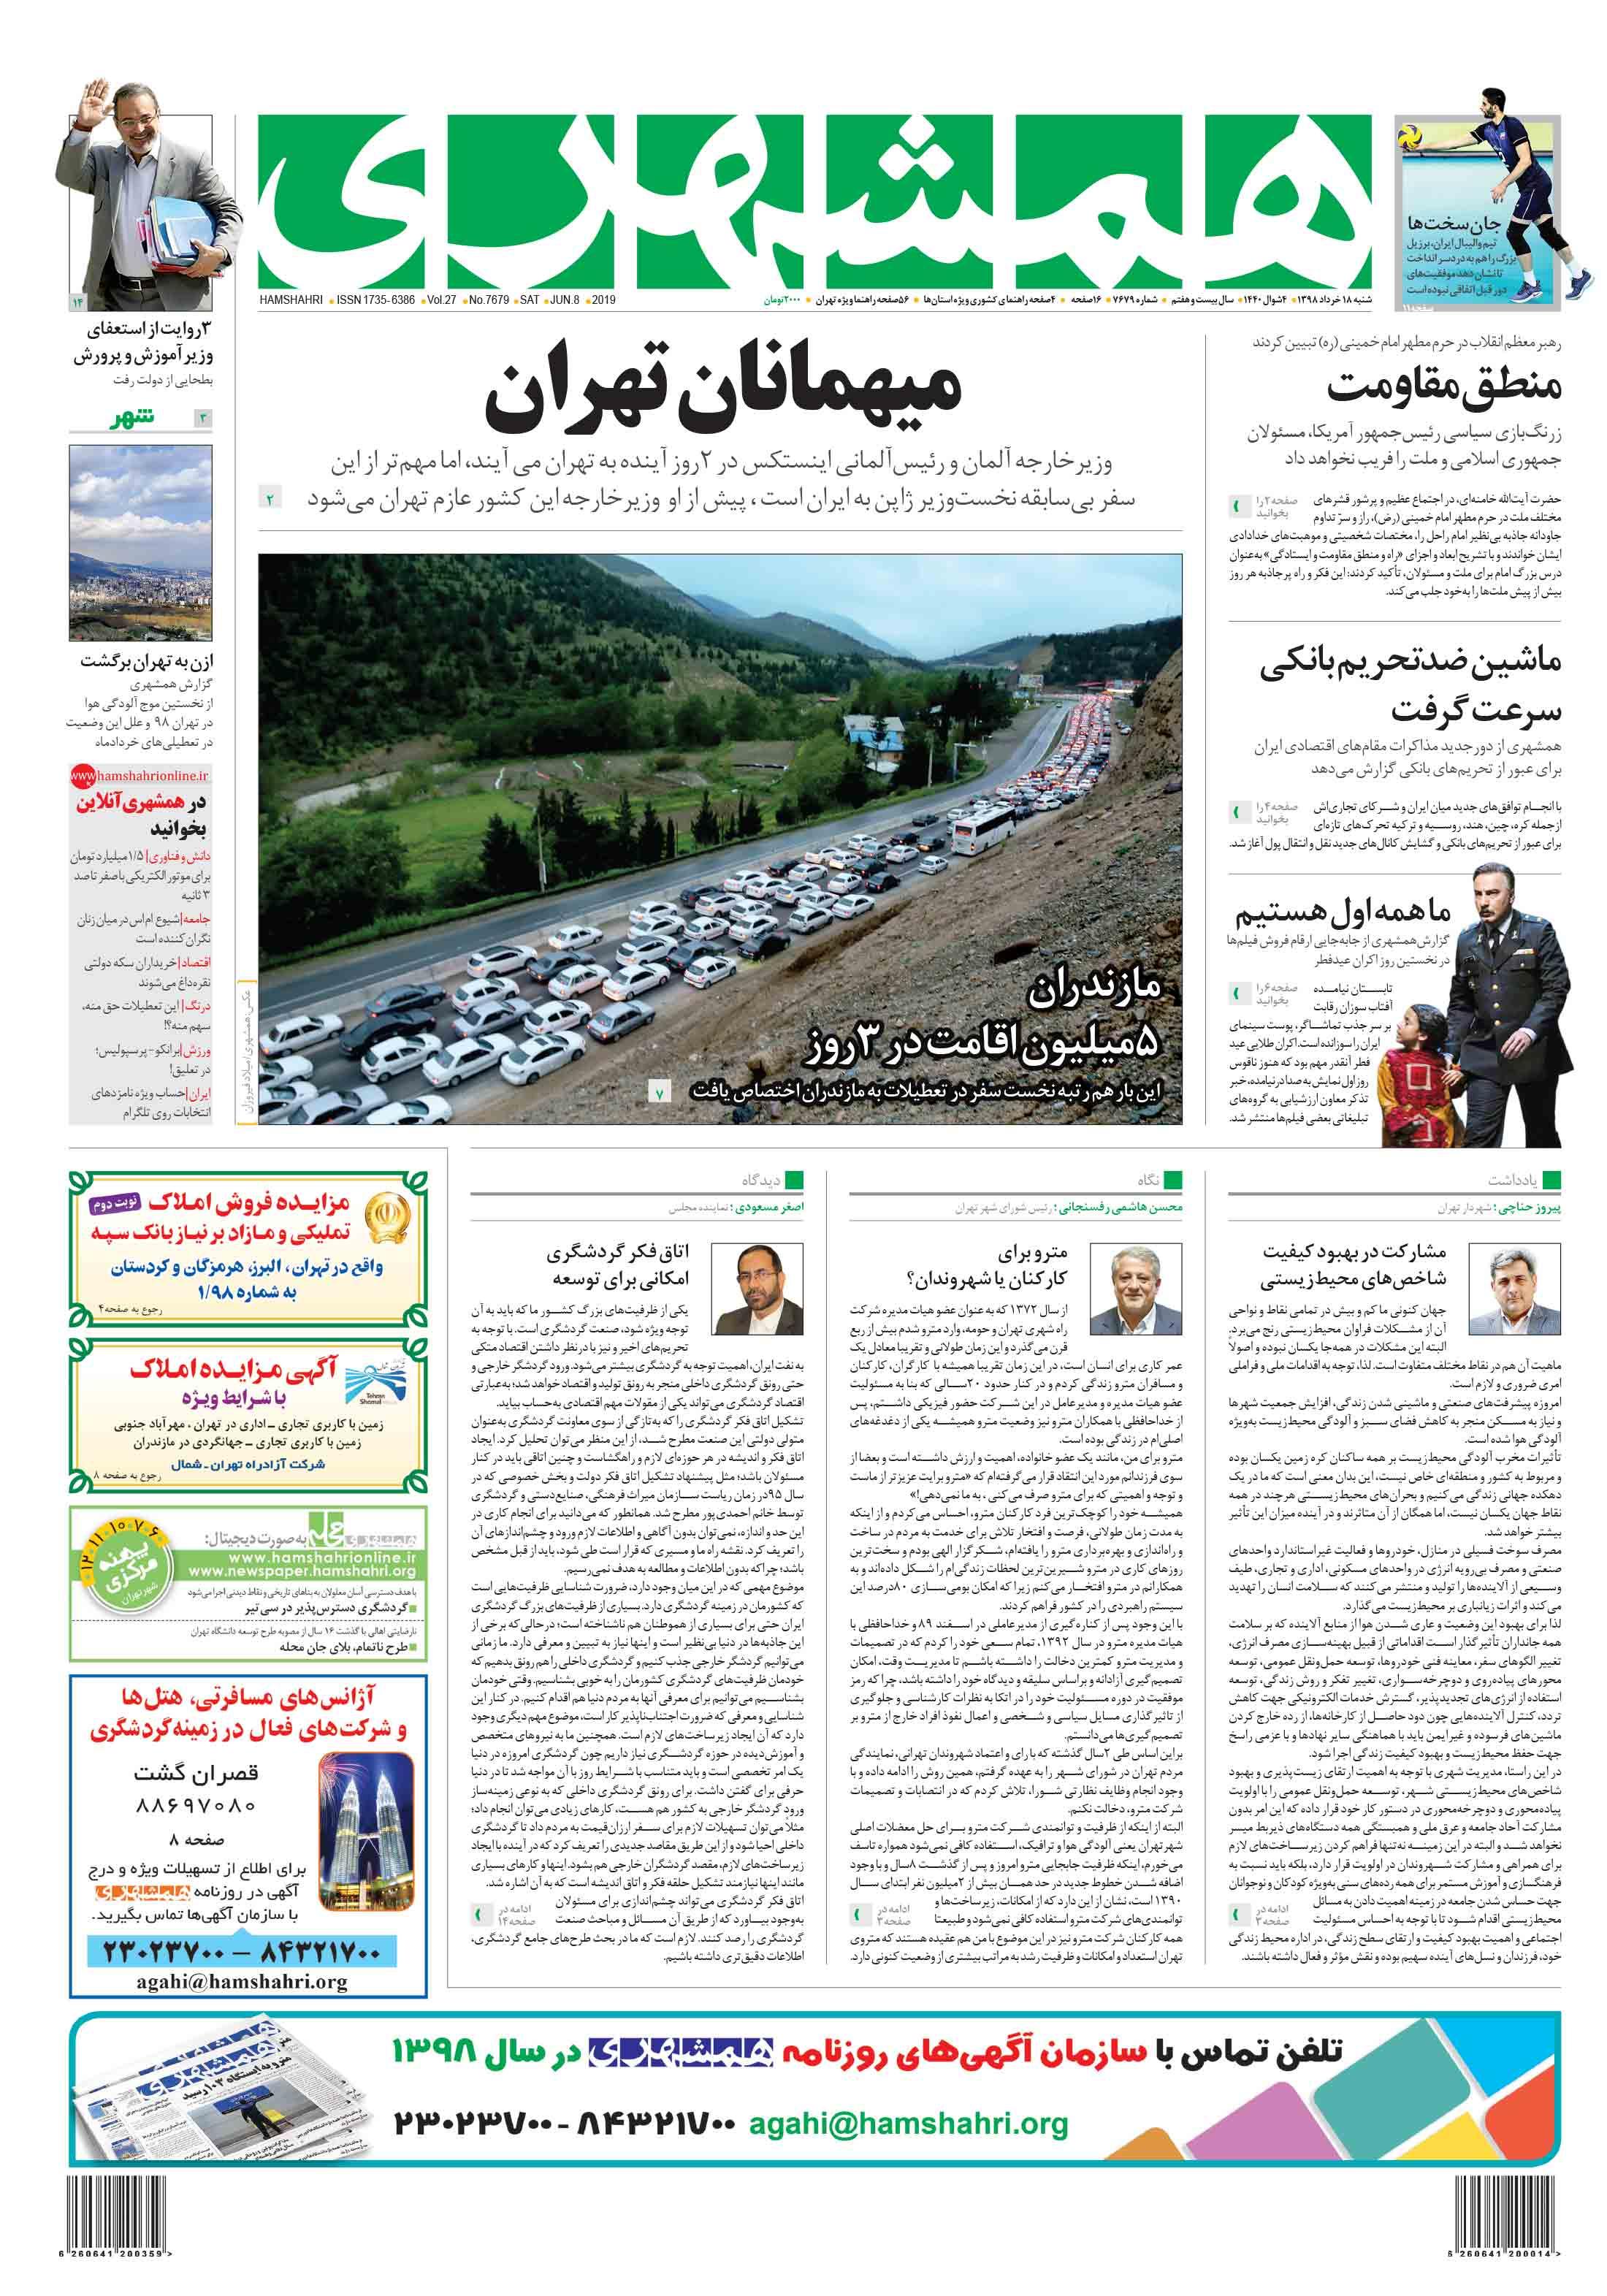 صفحه اول شنبه 18 خرداد 1398